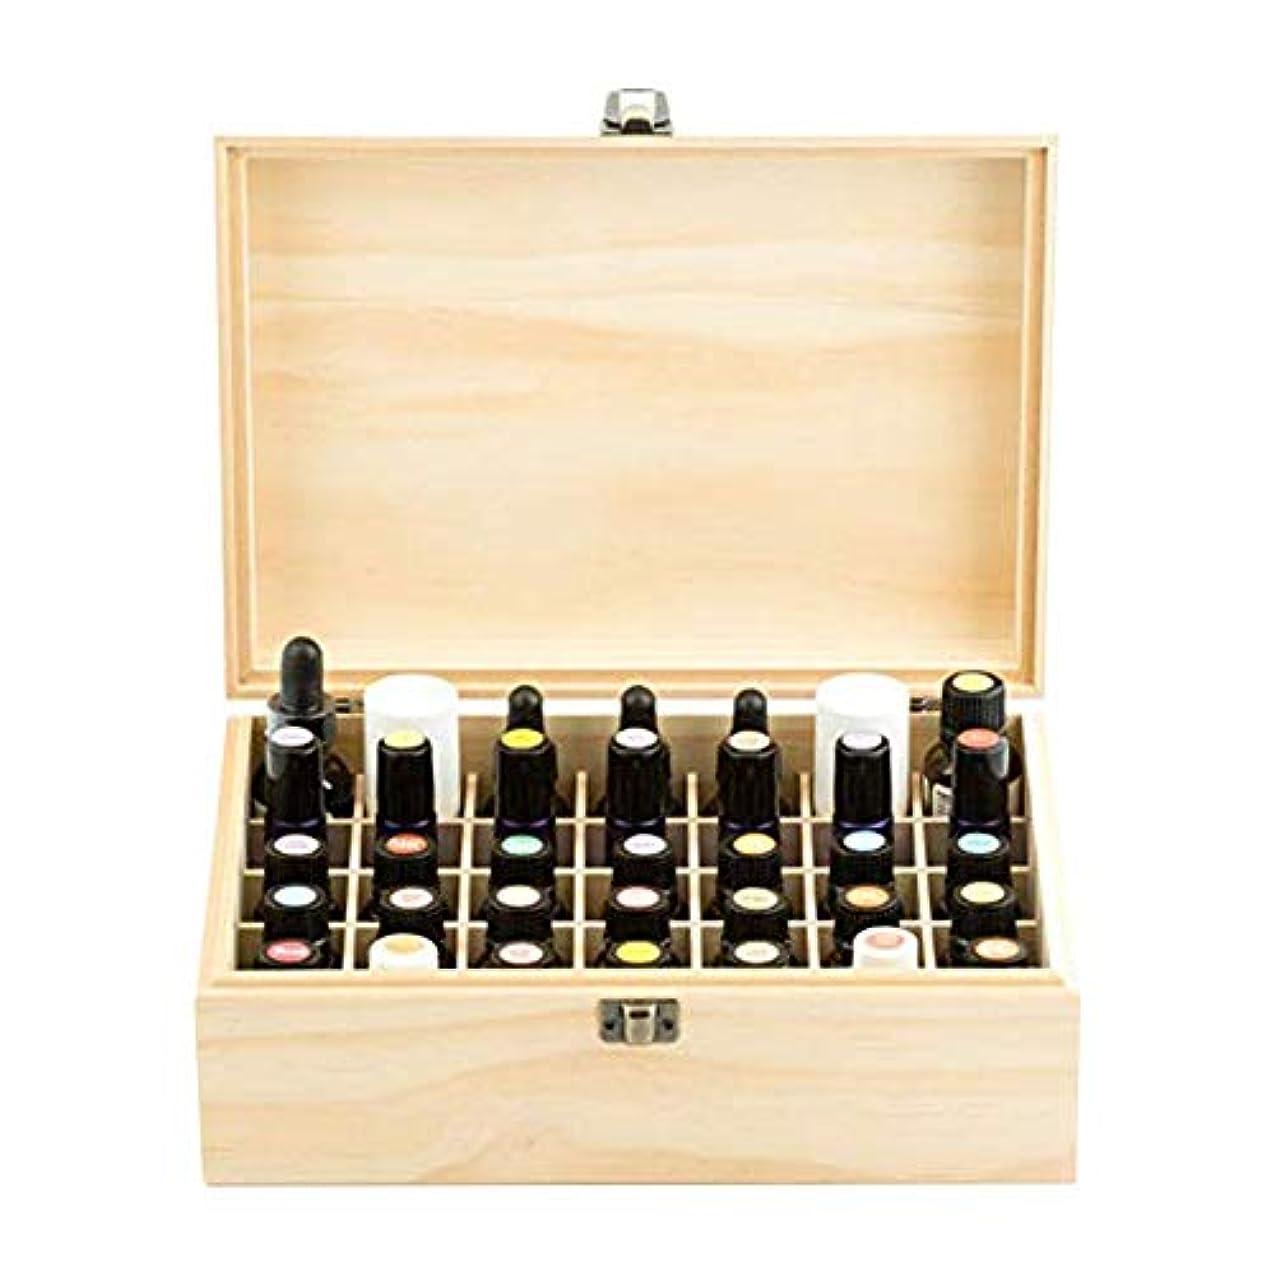 縮約予想する相対サイズエッセンシャルオイル収納ボックス 純木の精油の収納箱 香水収納ケース アロマオイル収納ボックス 35本用